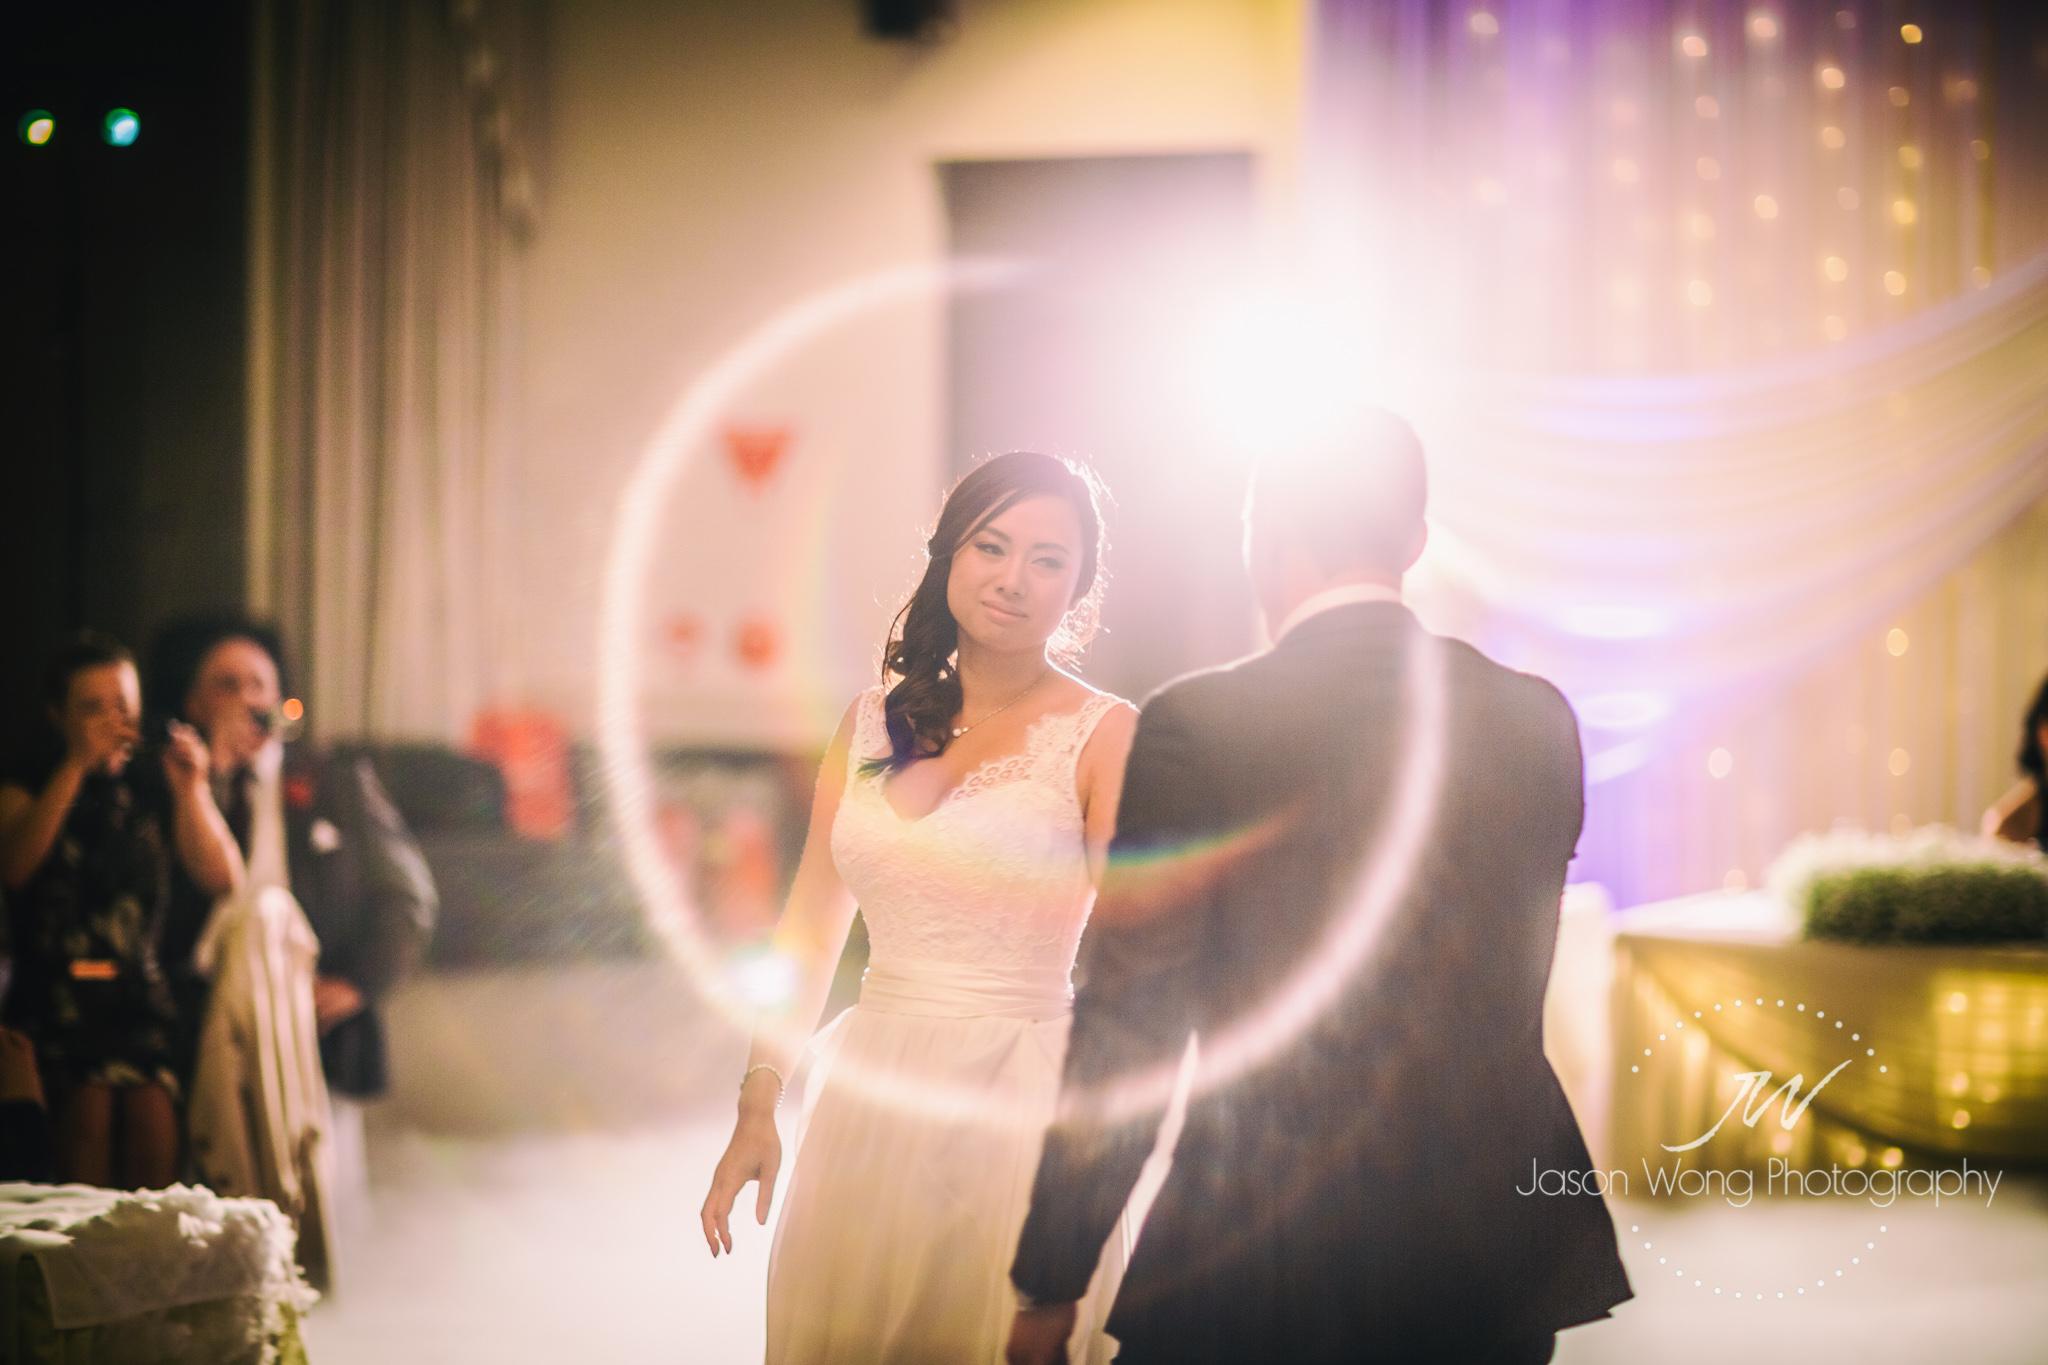 bridal-dance-ring-light.jpg